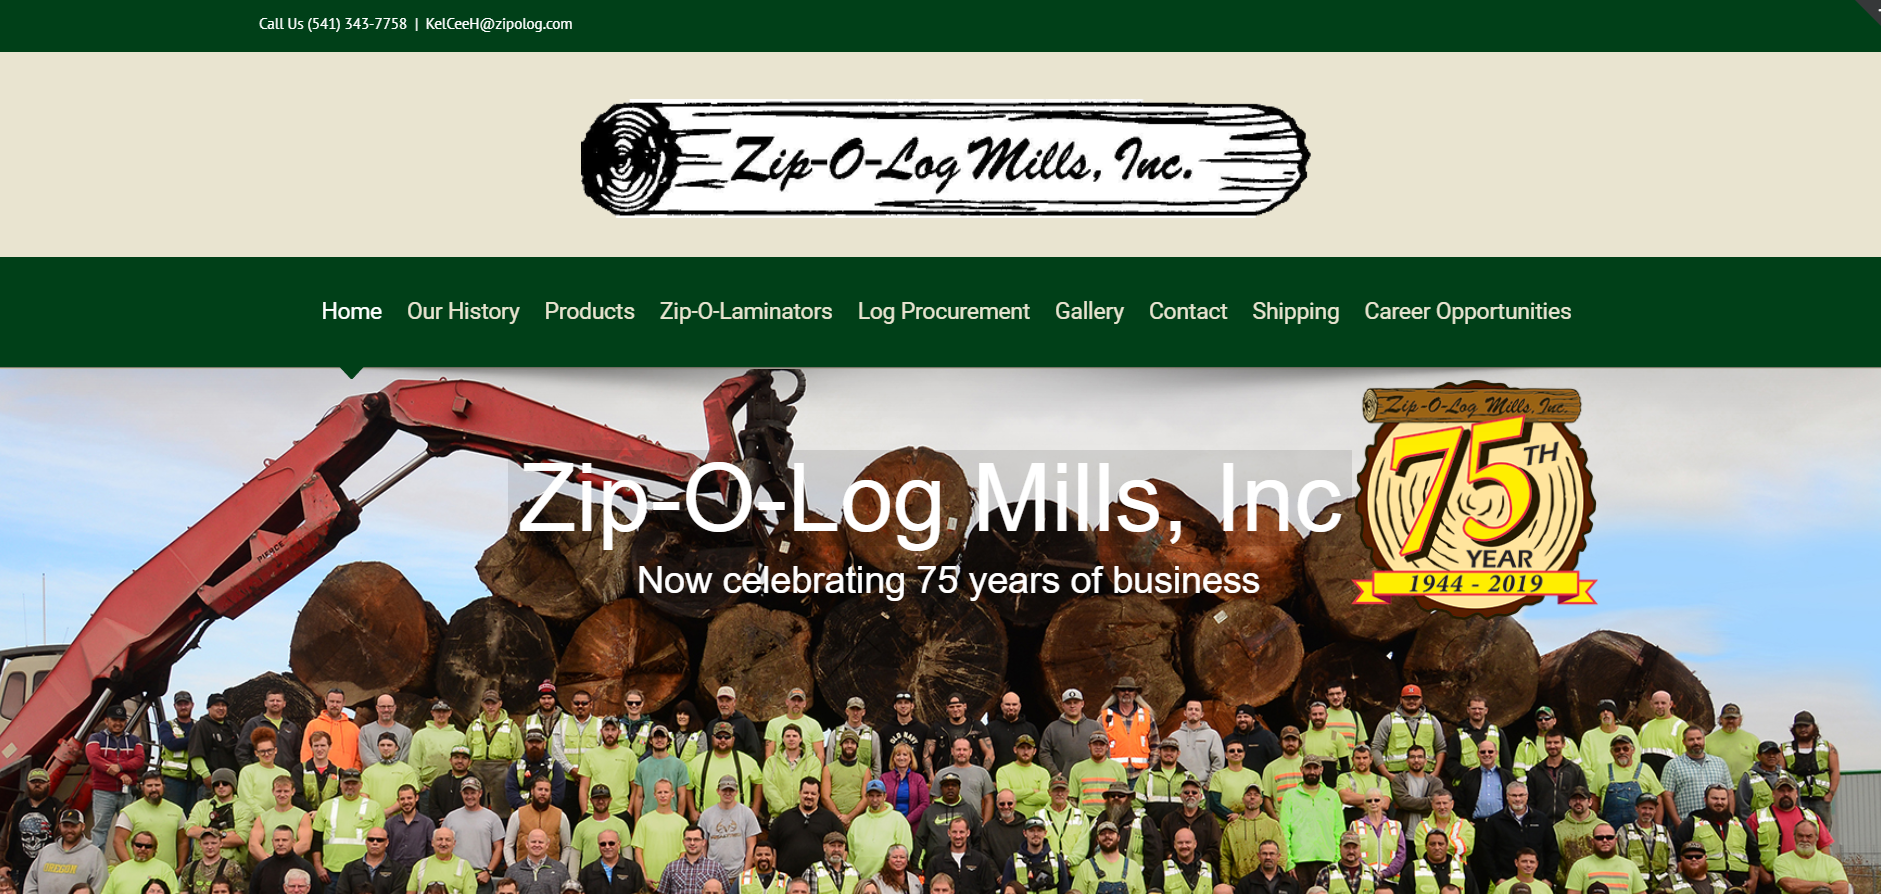 Zip O Log website designed by JH Web Design